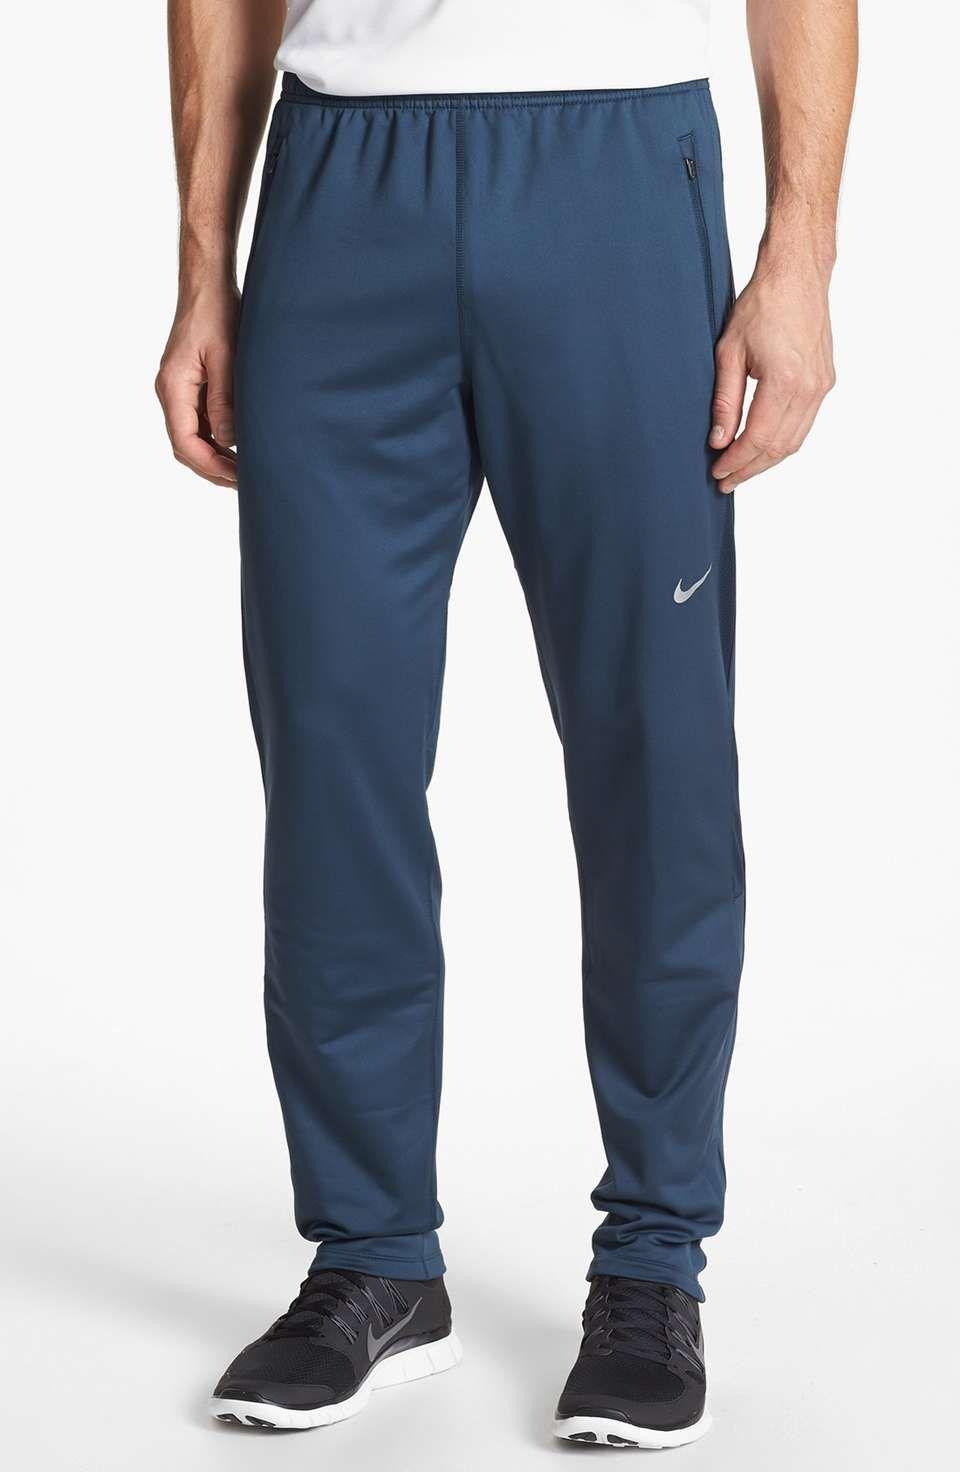 Nike Element Men's Thermal Pants